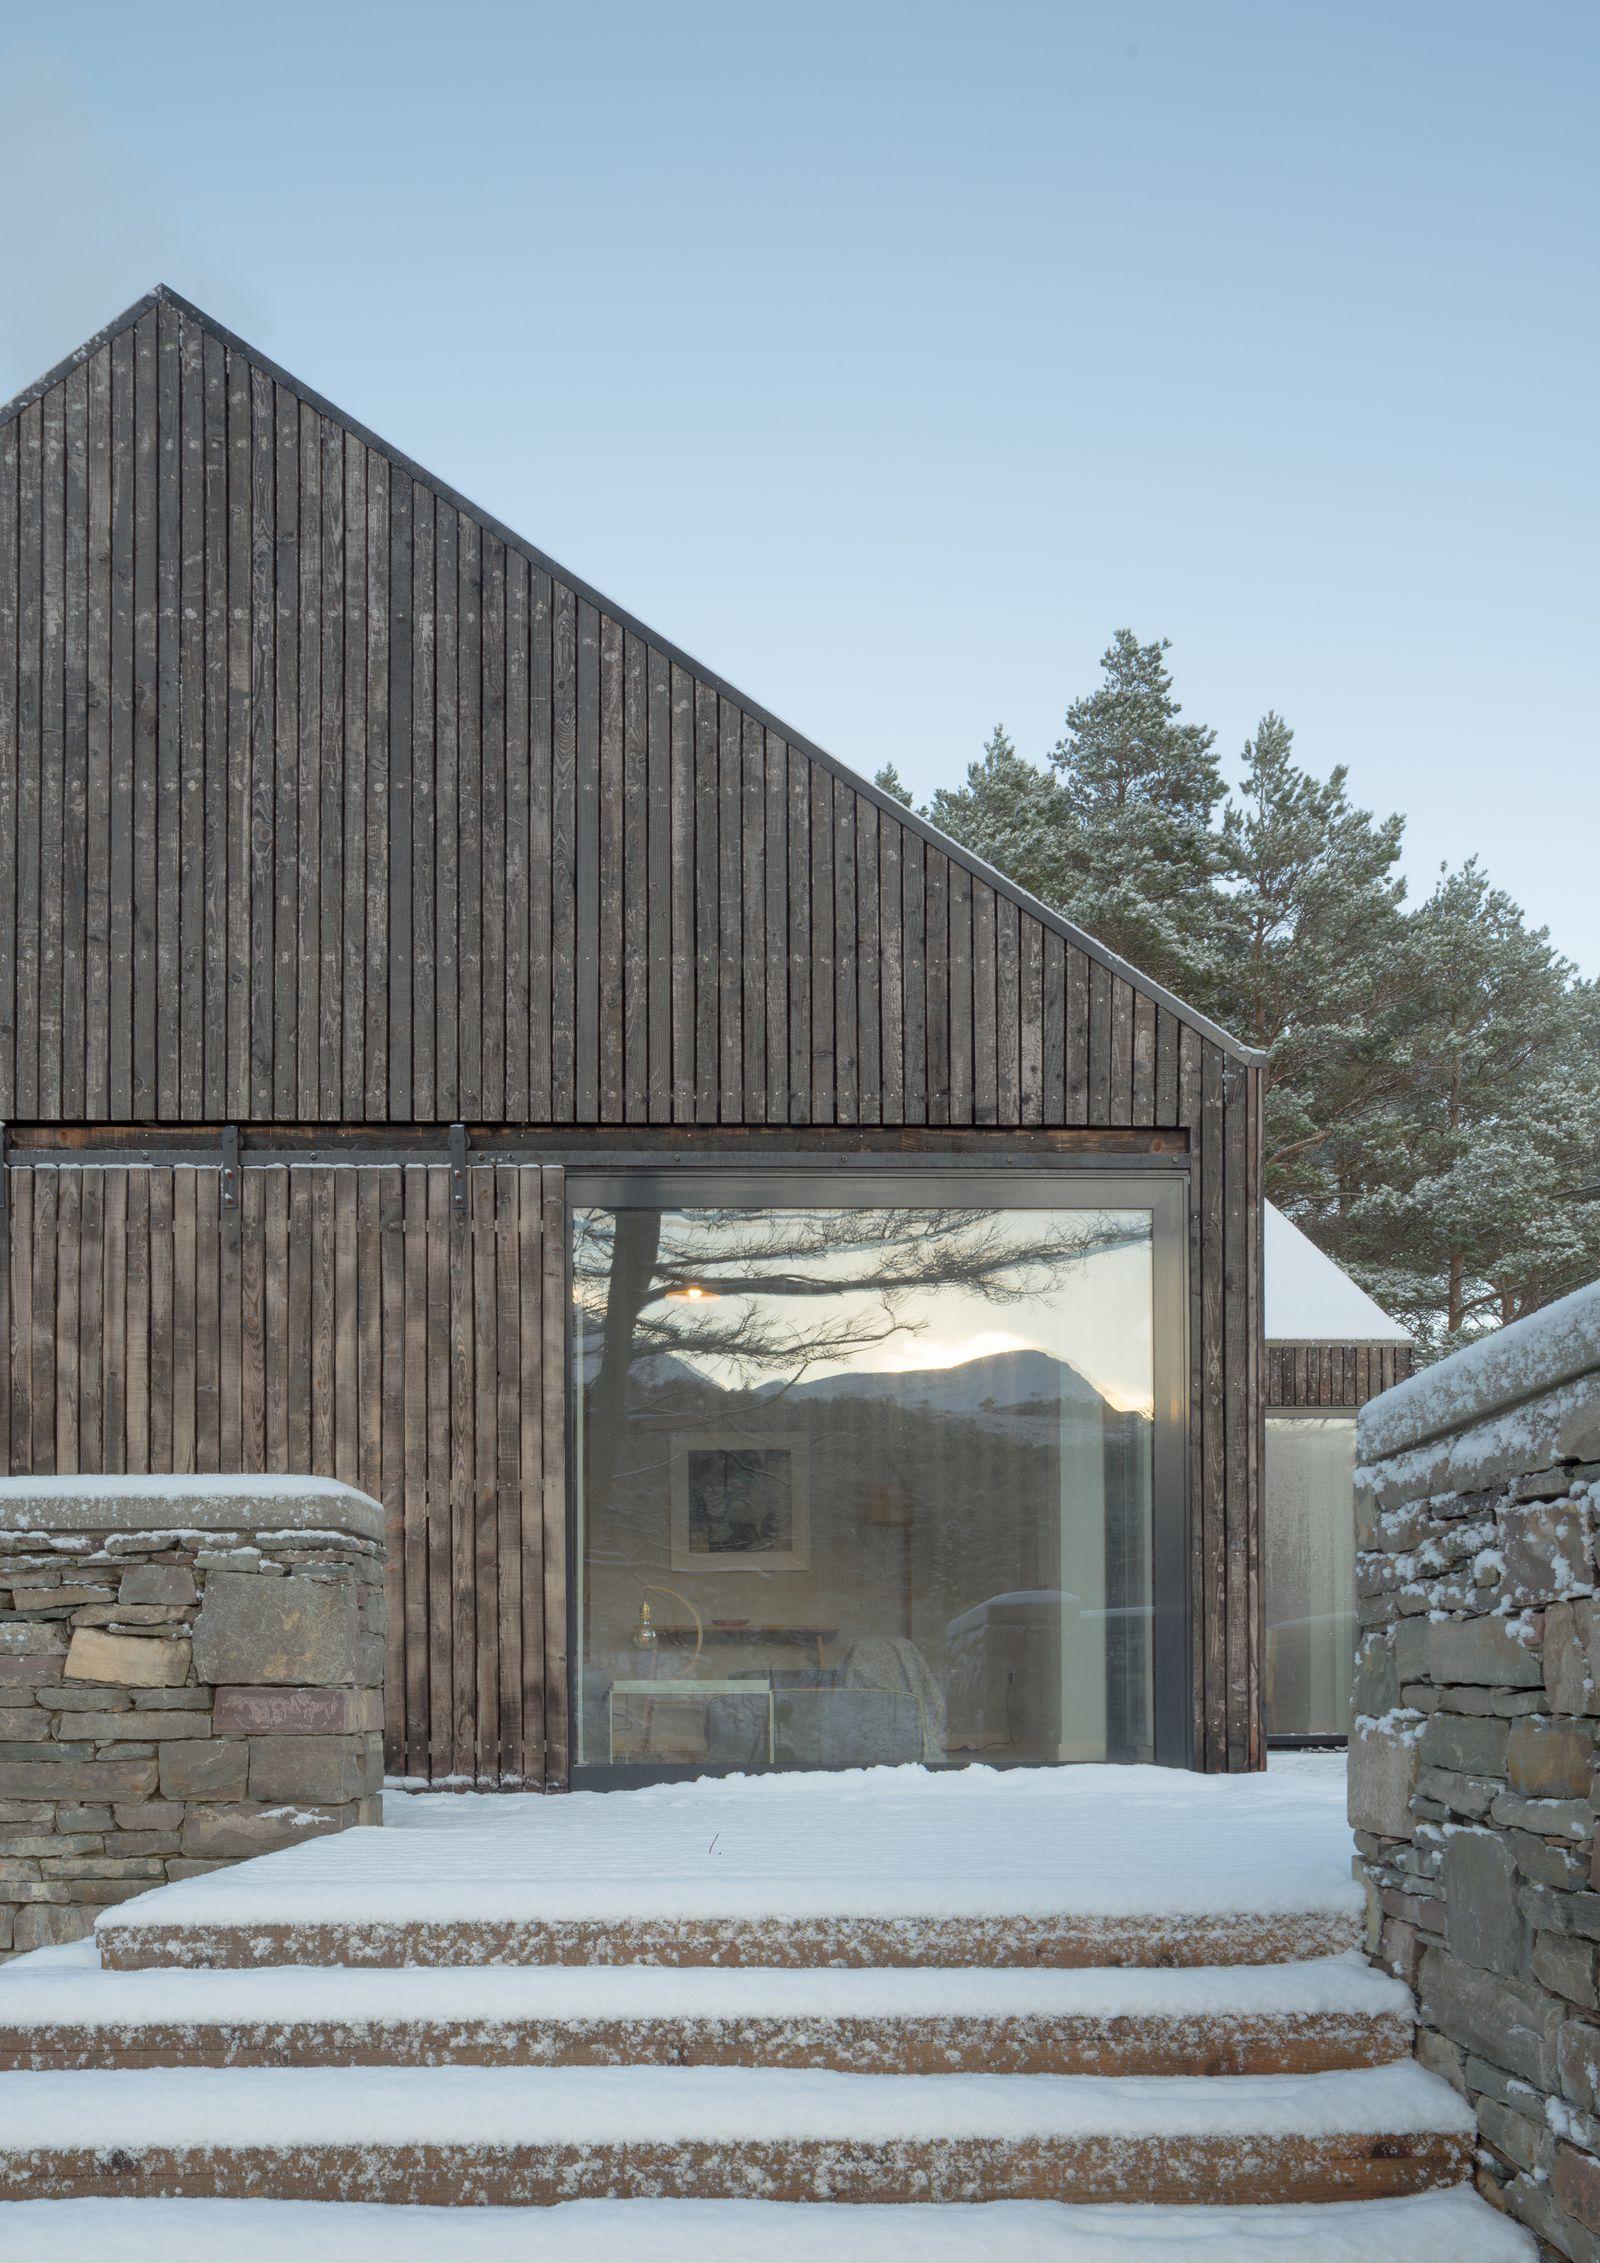 Studio Di Architettura In Inglese questo cottage è la casa inglese più bella del 2018